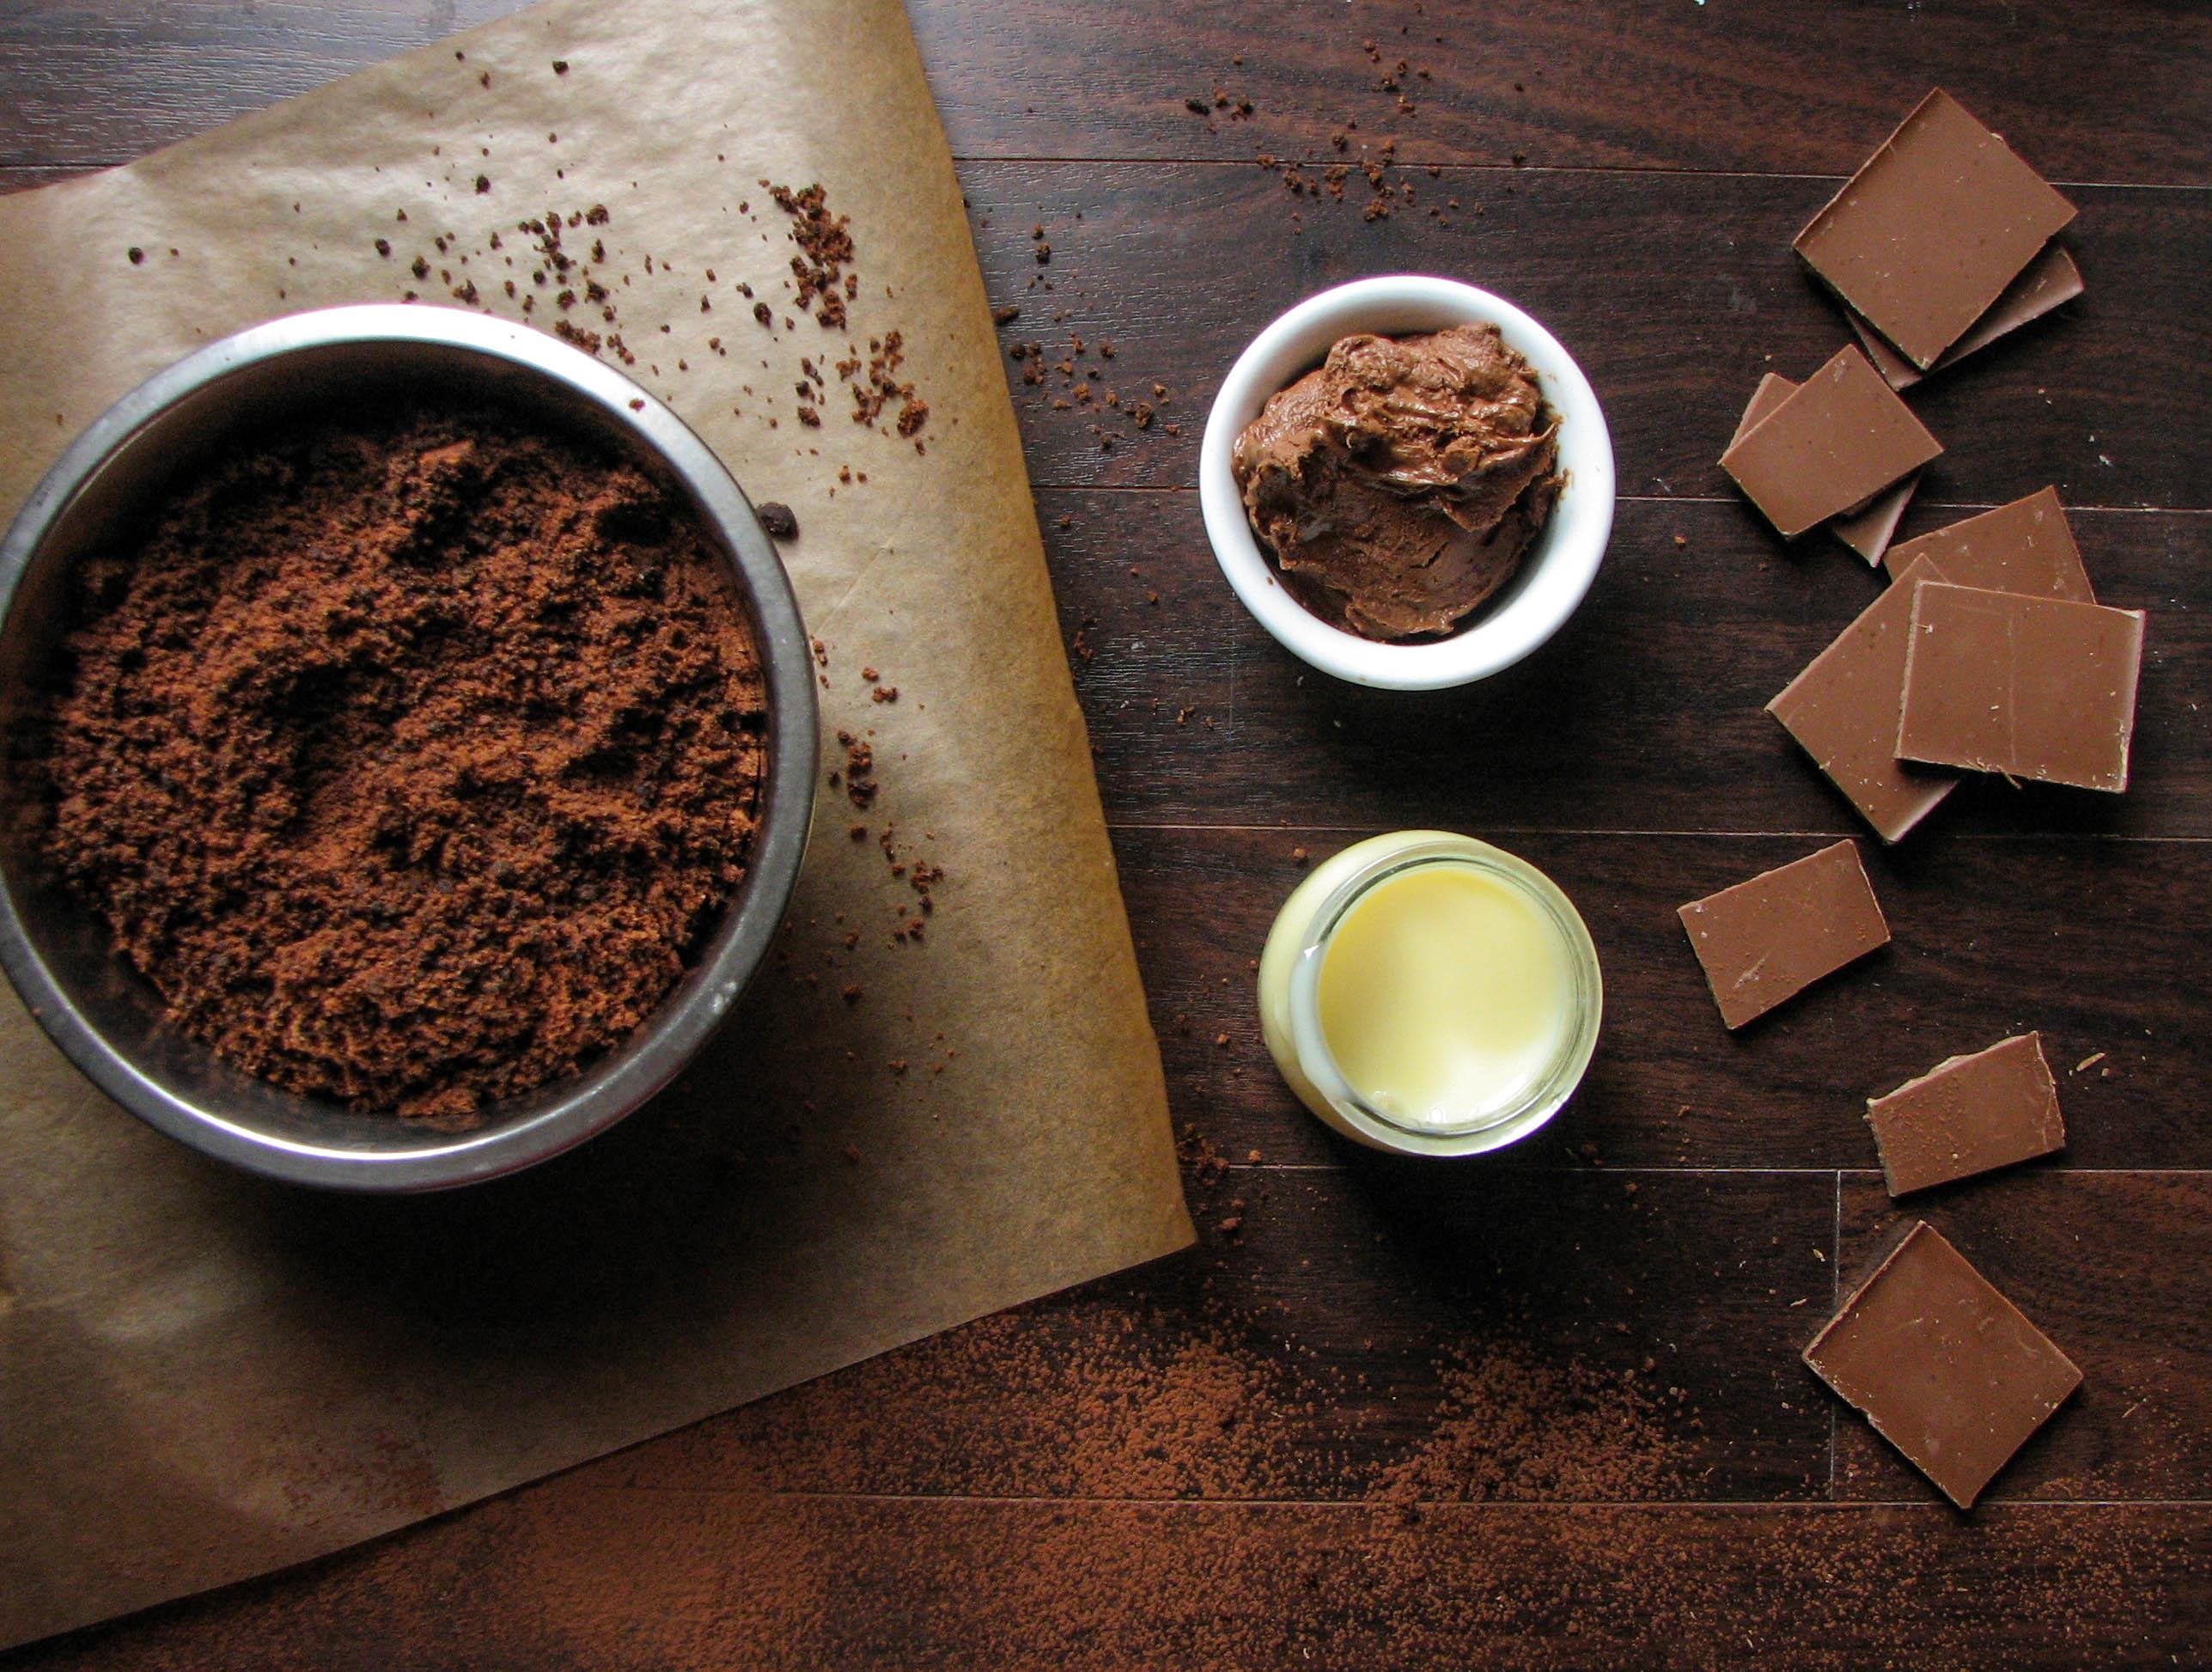 Сгущенка и какао для глазури